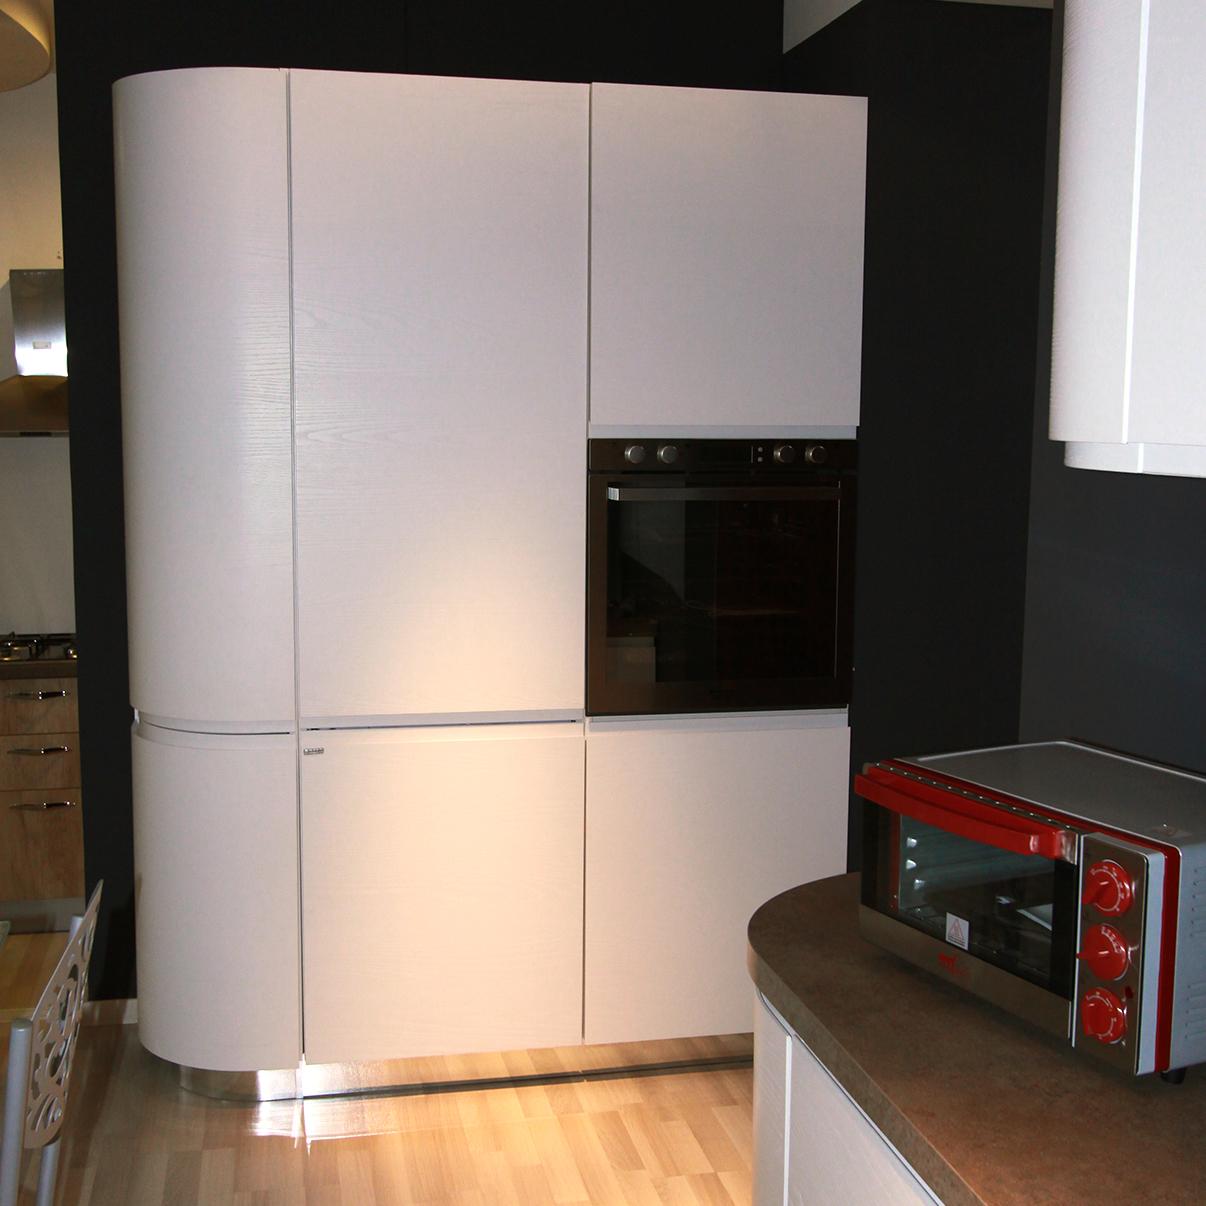 Cucina componibile 03 arredocasa serafino - Montaggio cucina componibile ...